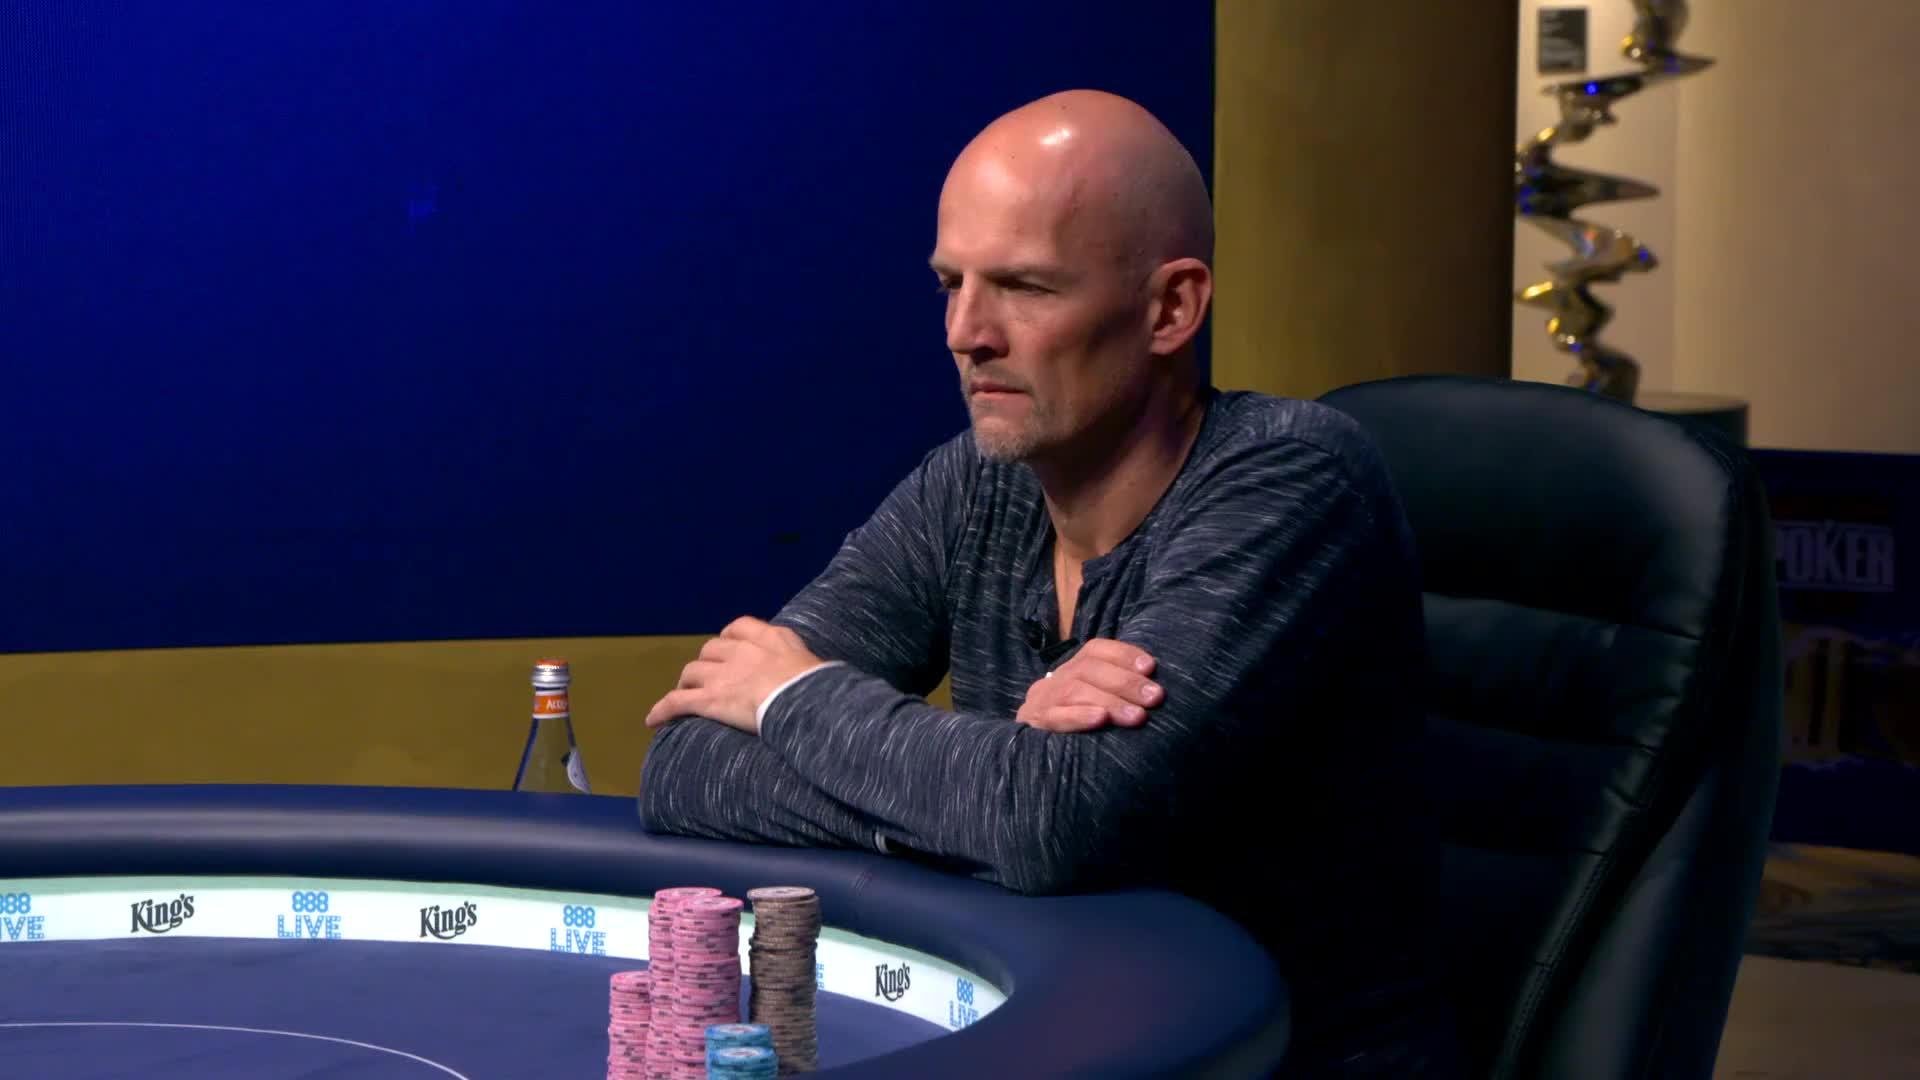 Pokerspieler Andreas Eiler aus Deutschland bei einem Poker Event